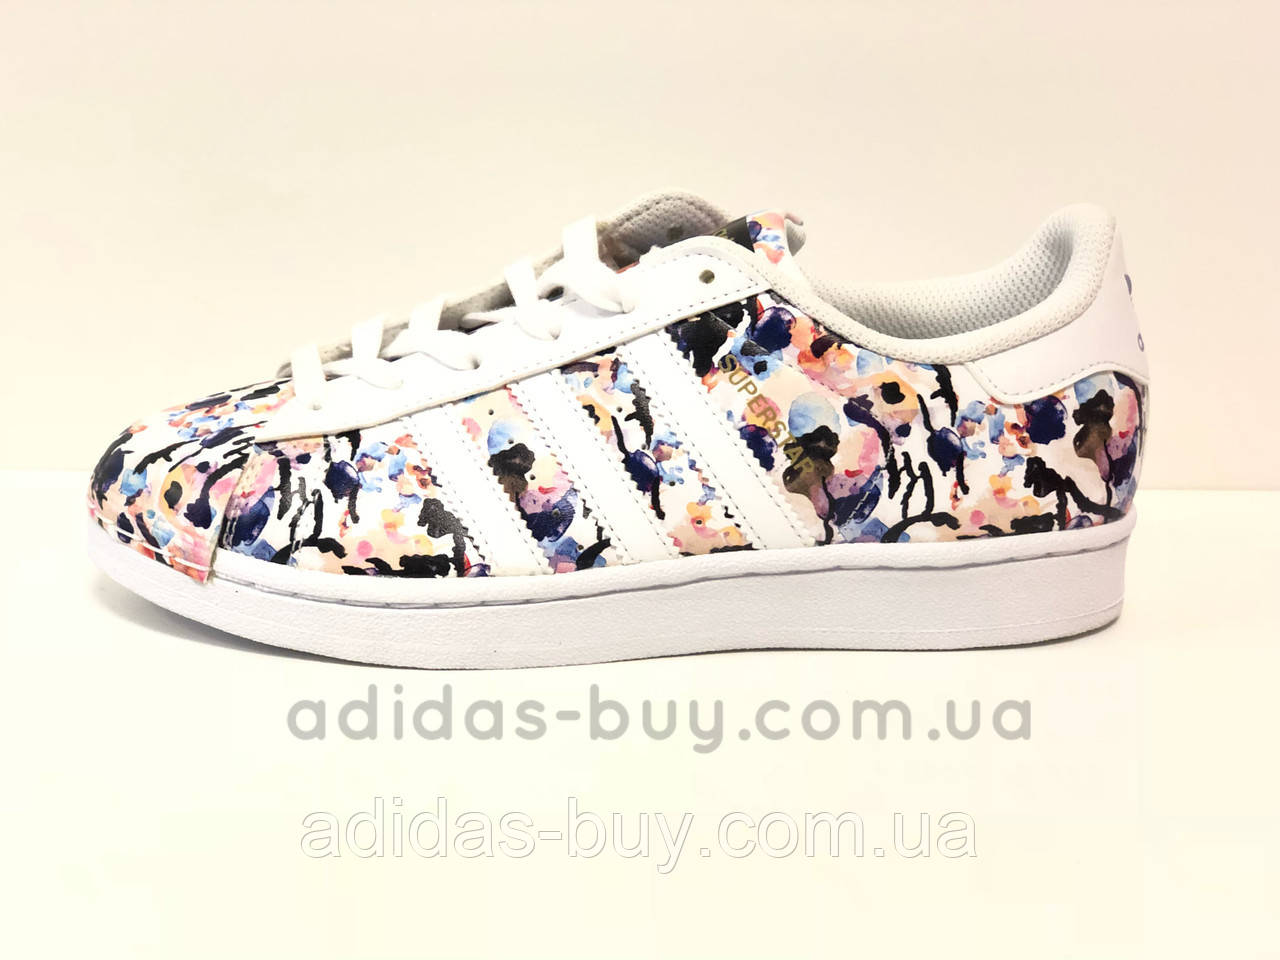 Женские осенние оригинальные кроссовки Adidas Superstar bb0351